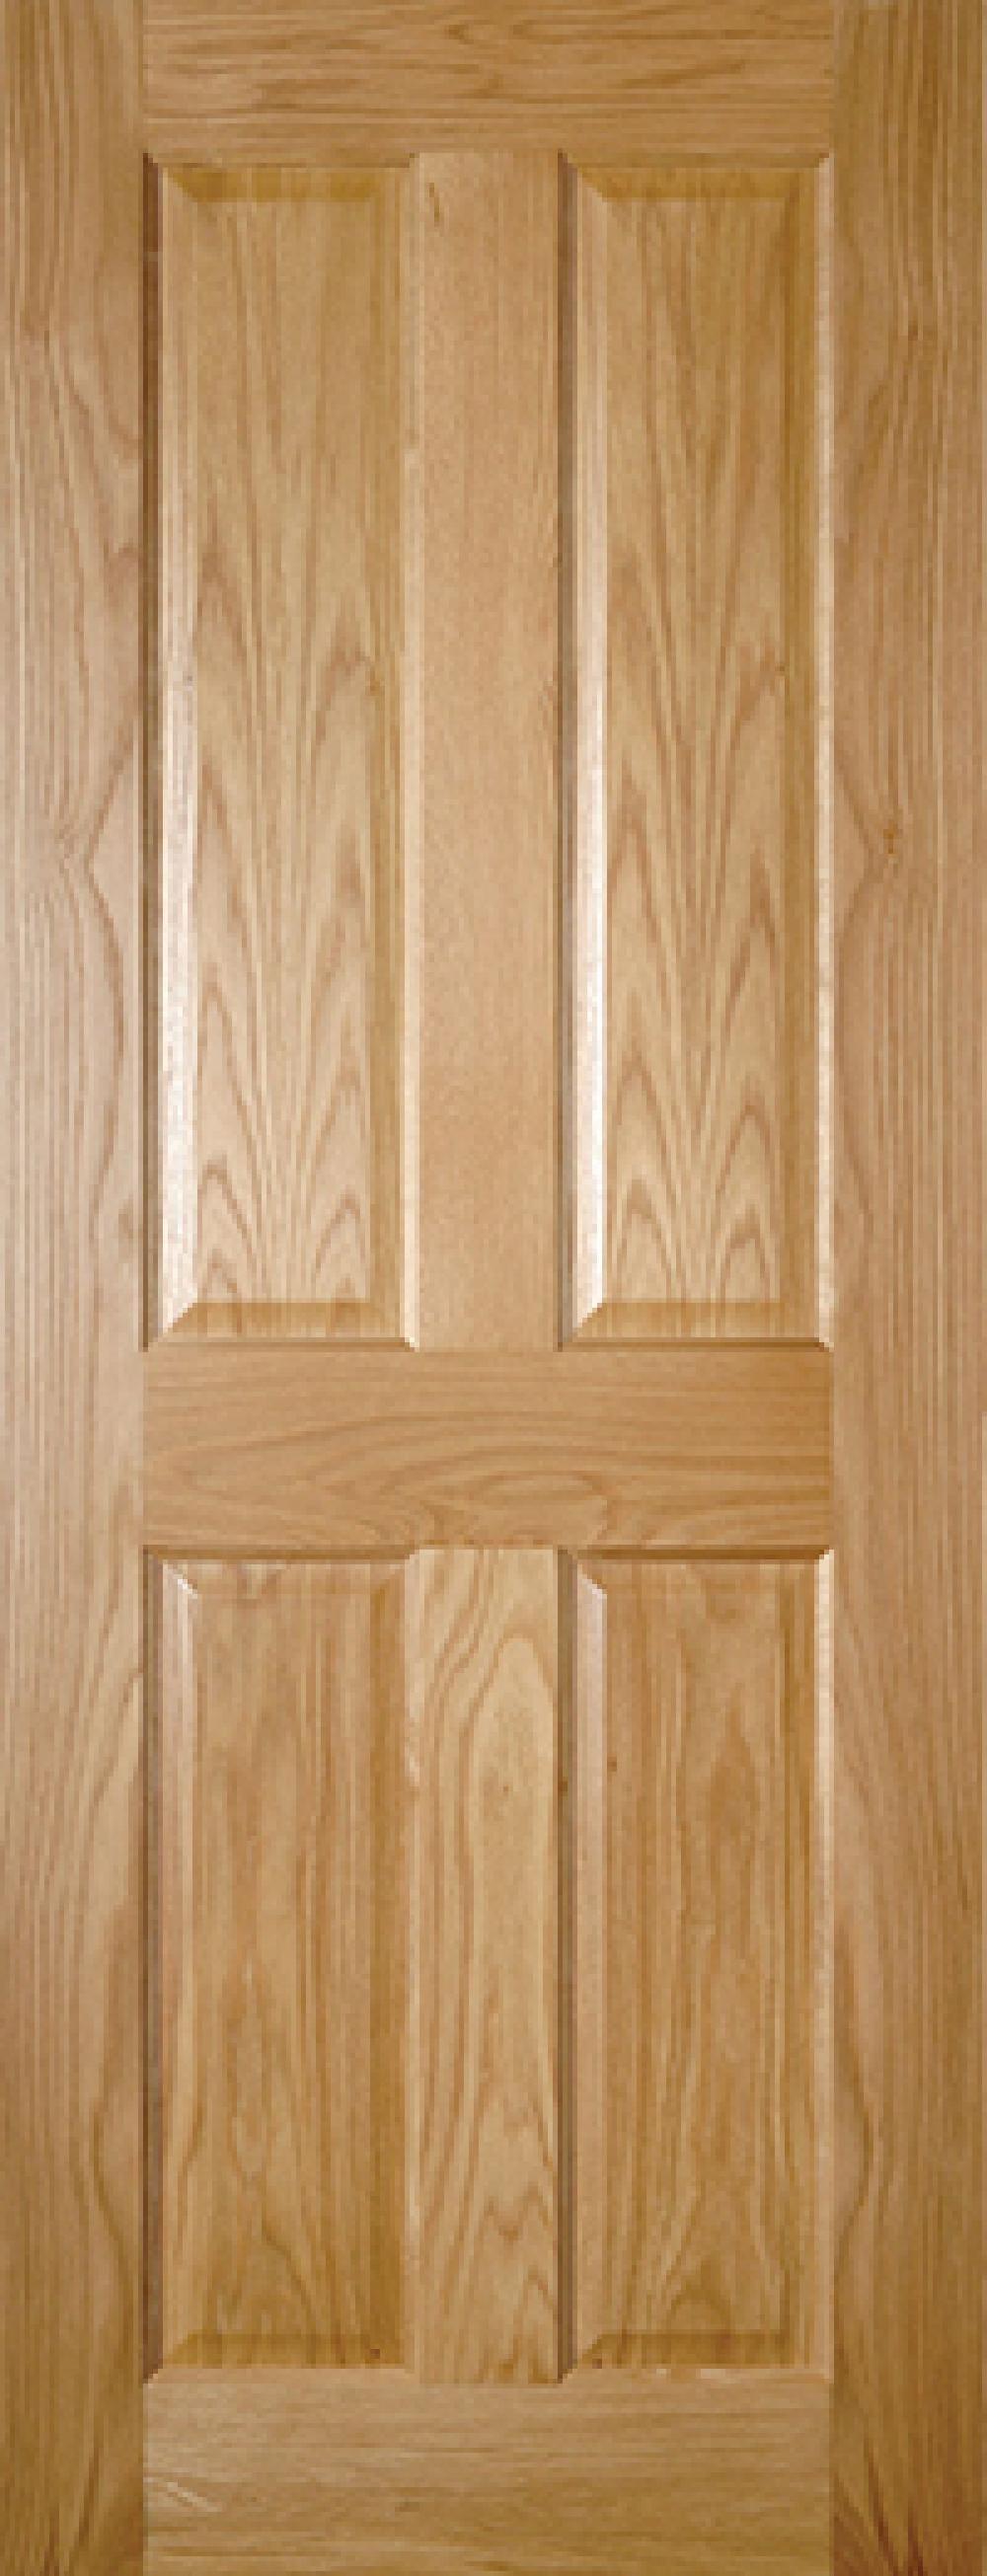 Bury 4 Panel Oak - Prefinished Image